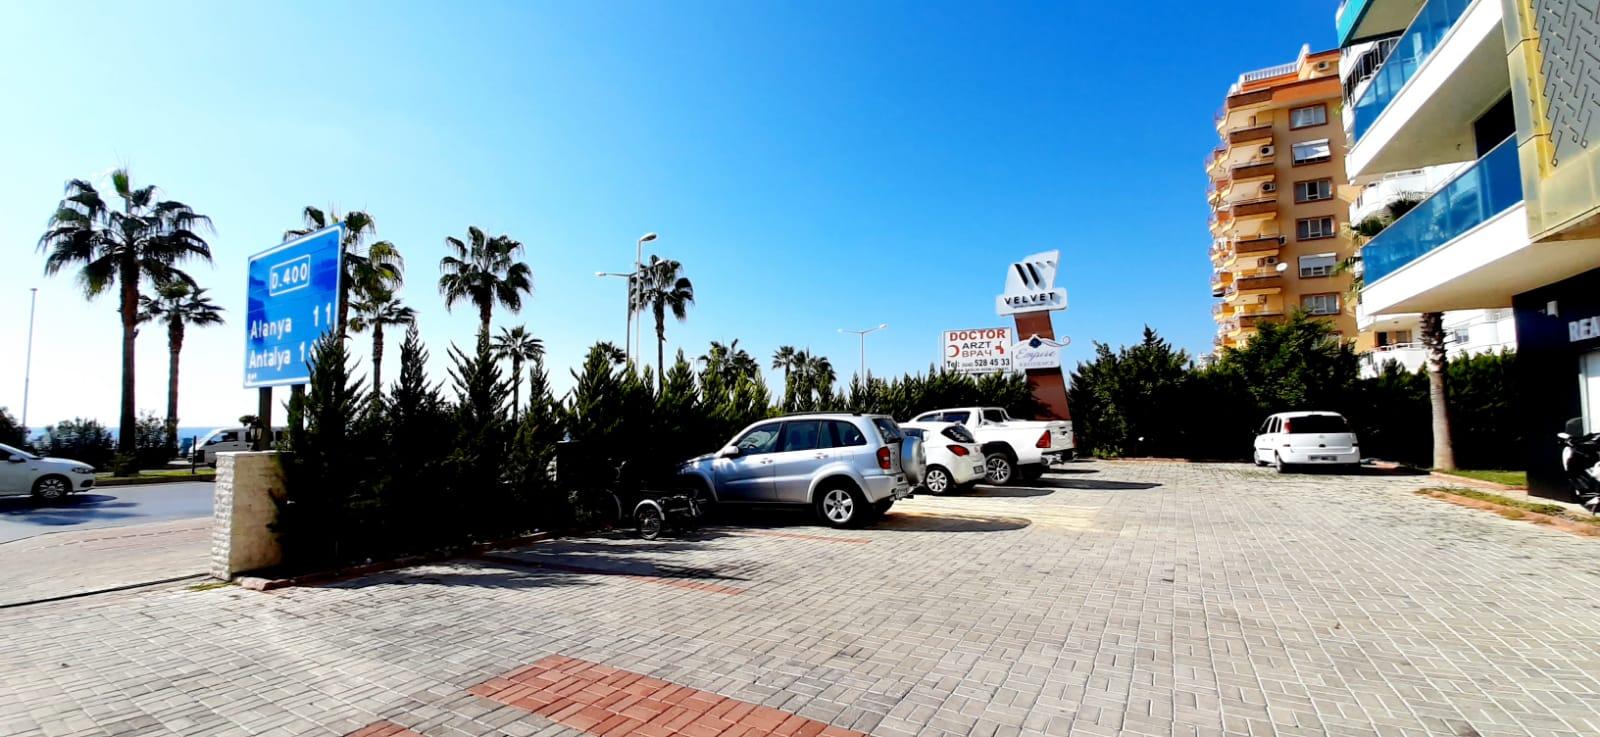 Меблированная квартира 2+1 на первой береговой линии - Фото 32